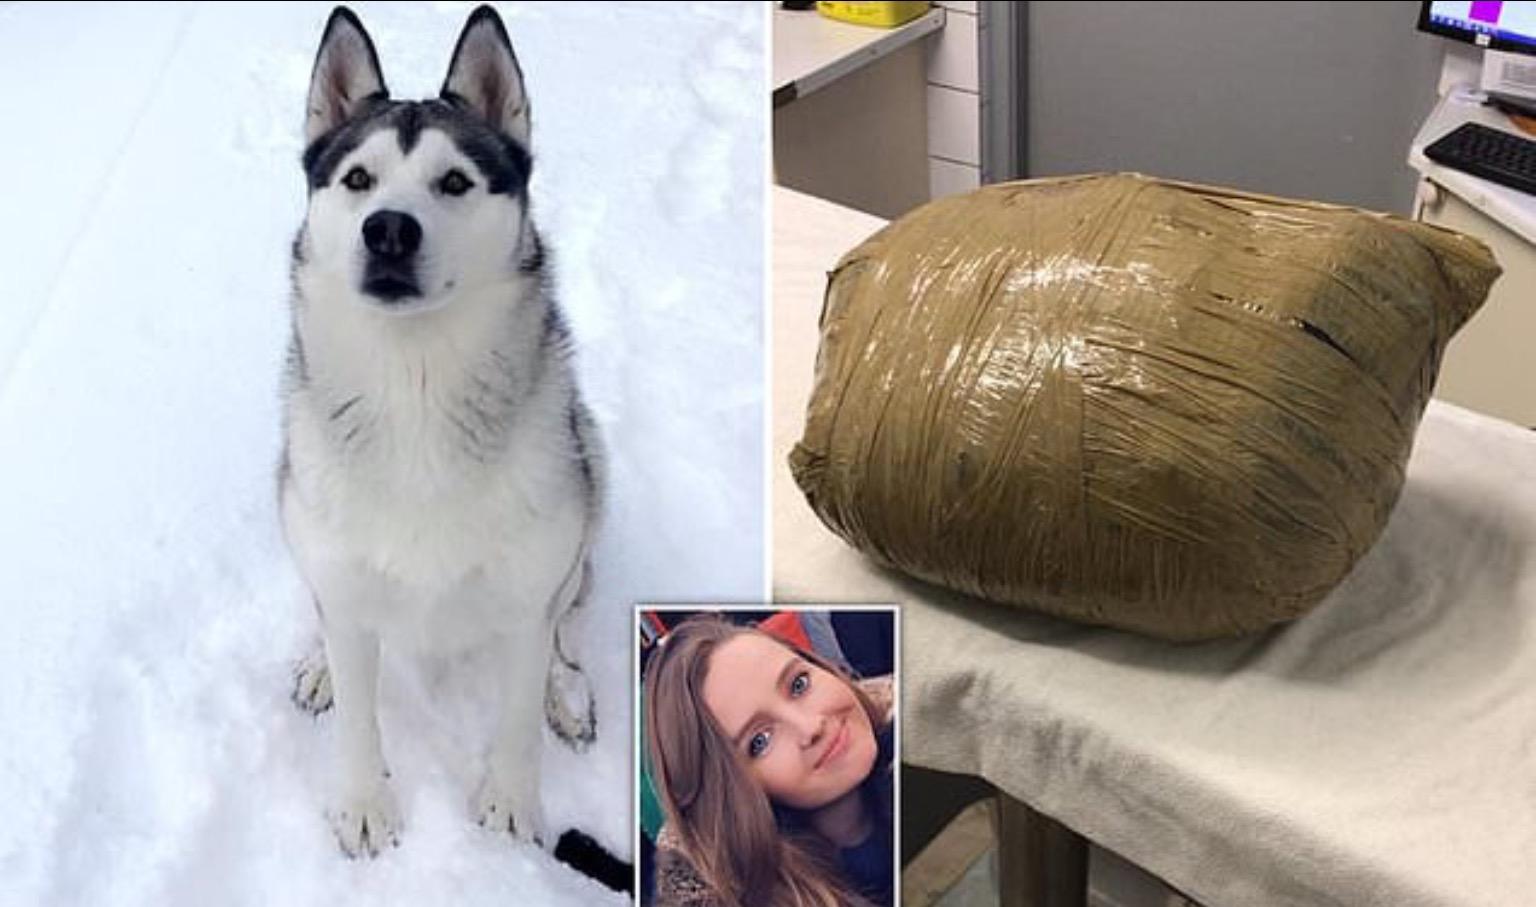 Жуткий сюрприз: девушка вернулась и обнаружила любимую собаку мертвой и обмотанной скотчем